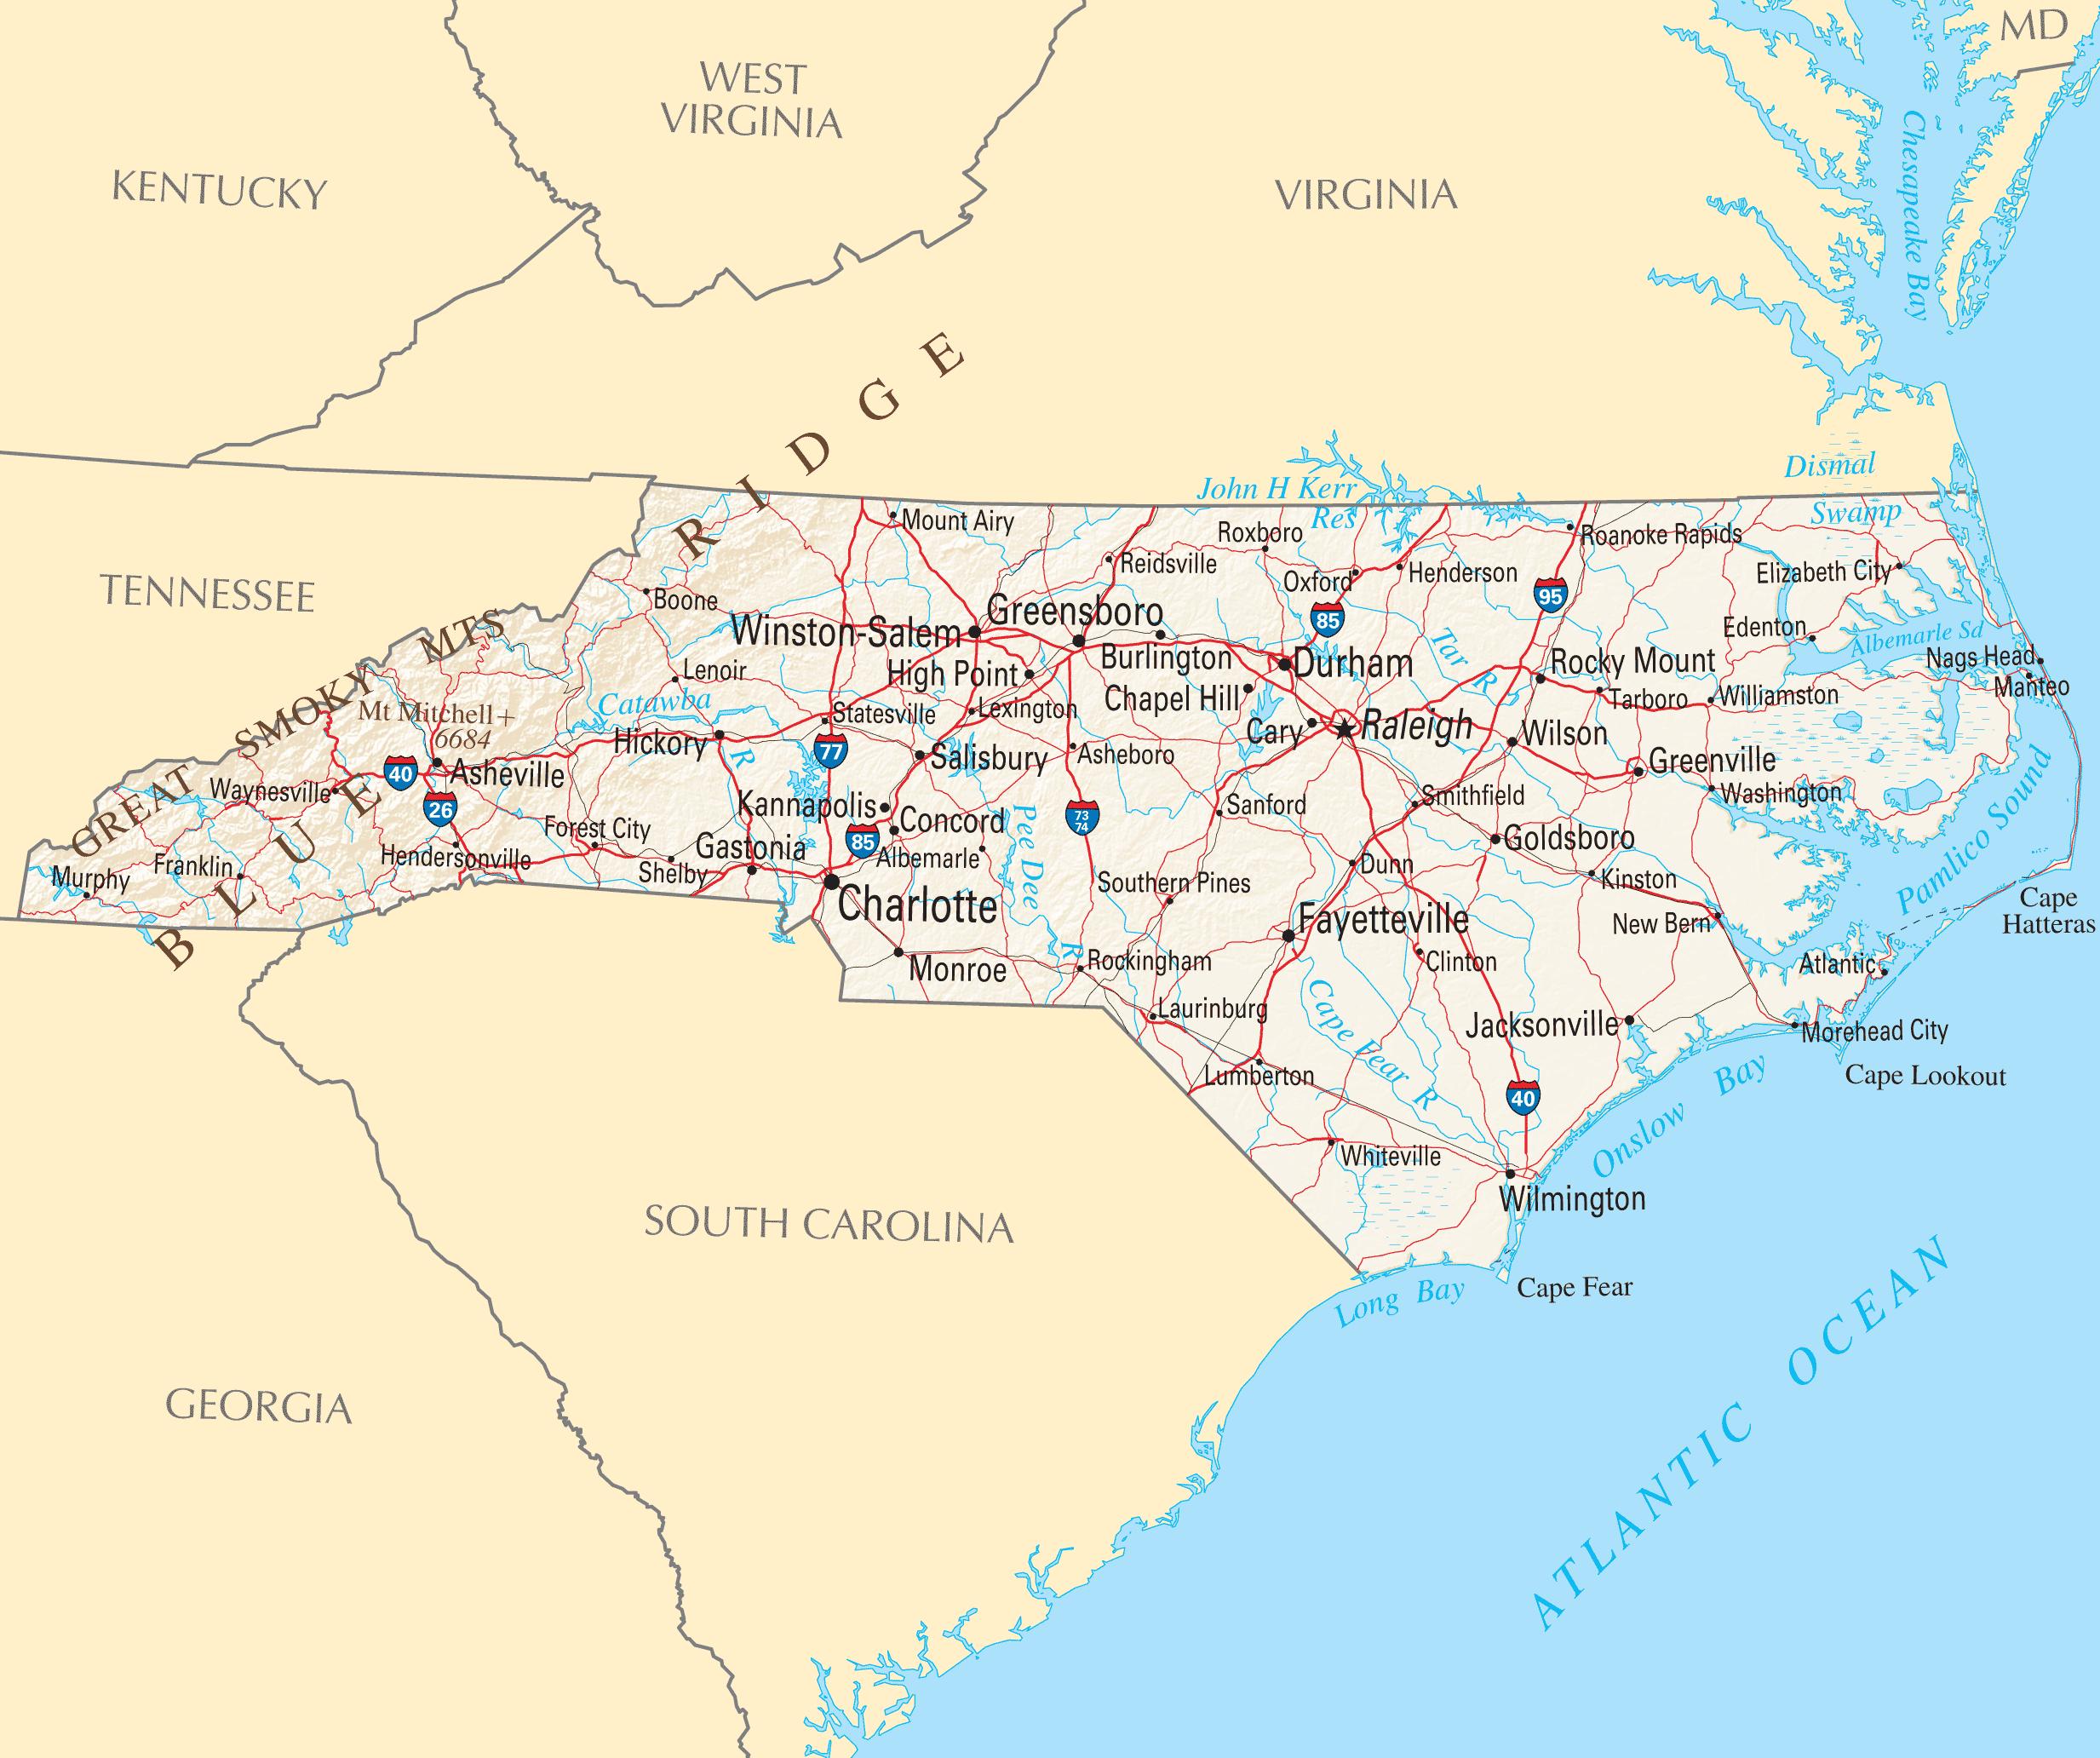 North Carolina Reference Map • Mapsof.net